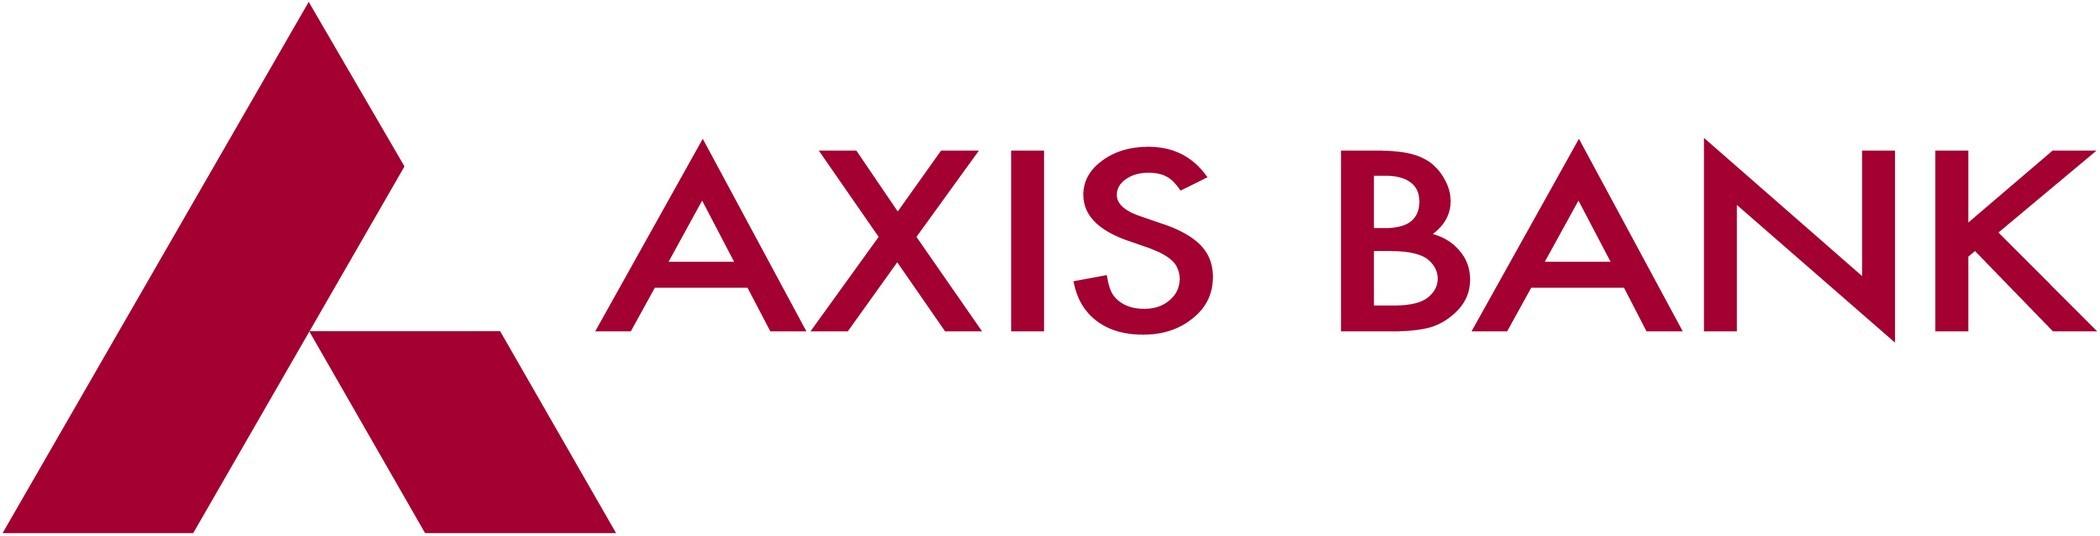 axis-bank-logo